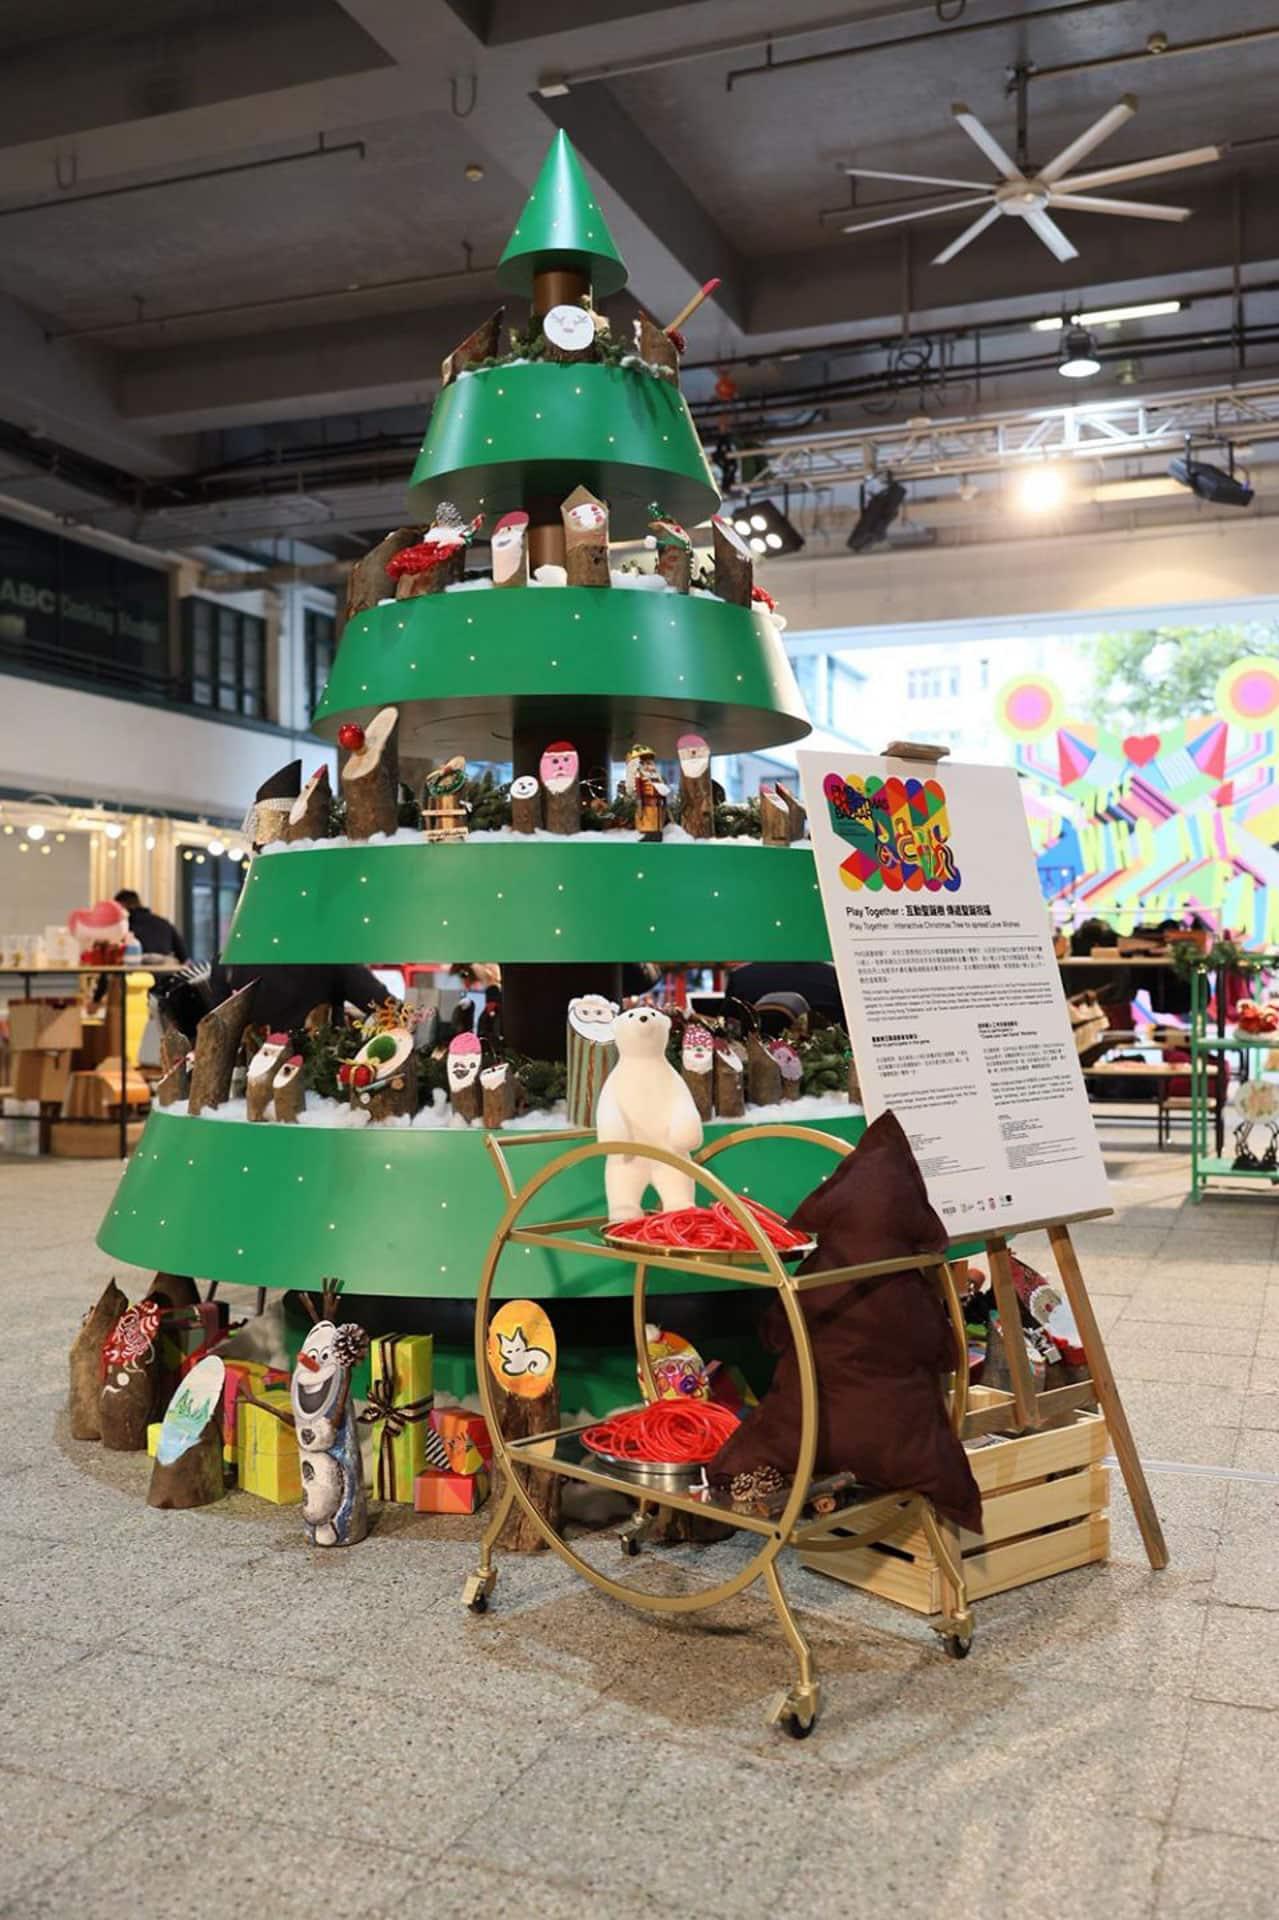 元創方PMQ Christmas Bazaar:Gather for Gifts of Love Play together互動聖誕樹